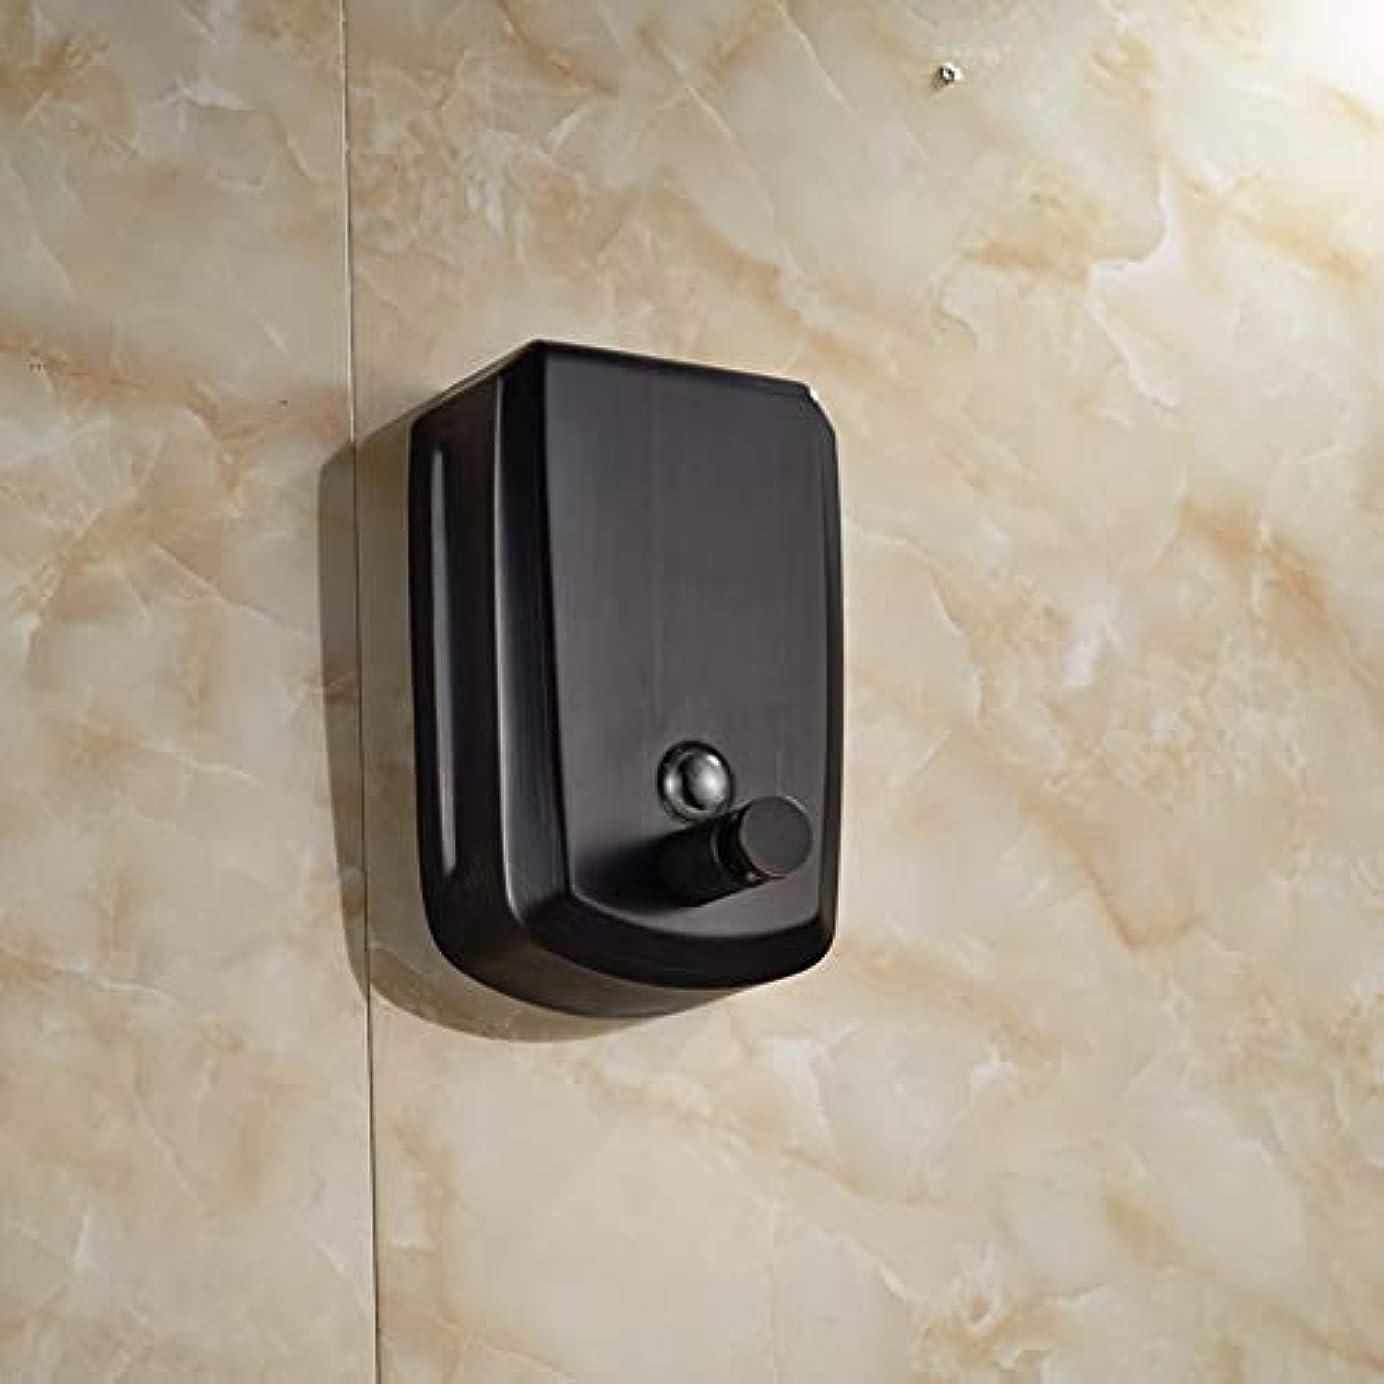 ドラゴン航空便機会LUDSUY Oil Rubbed Bronze 800ml Bathroom Soap Dispenser Liquid Soap Pump Lotion DispenserBathroom accessories